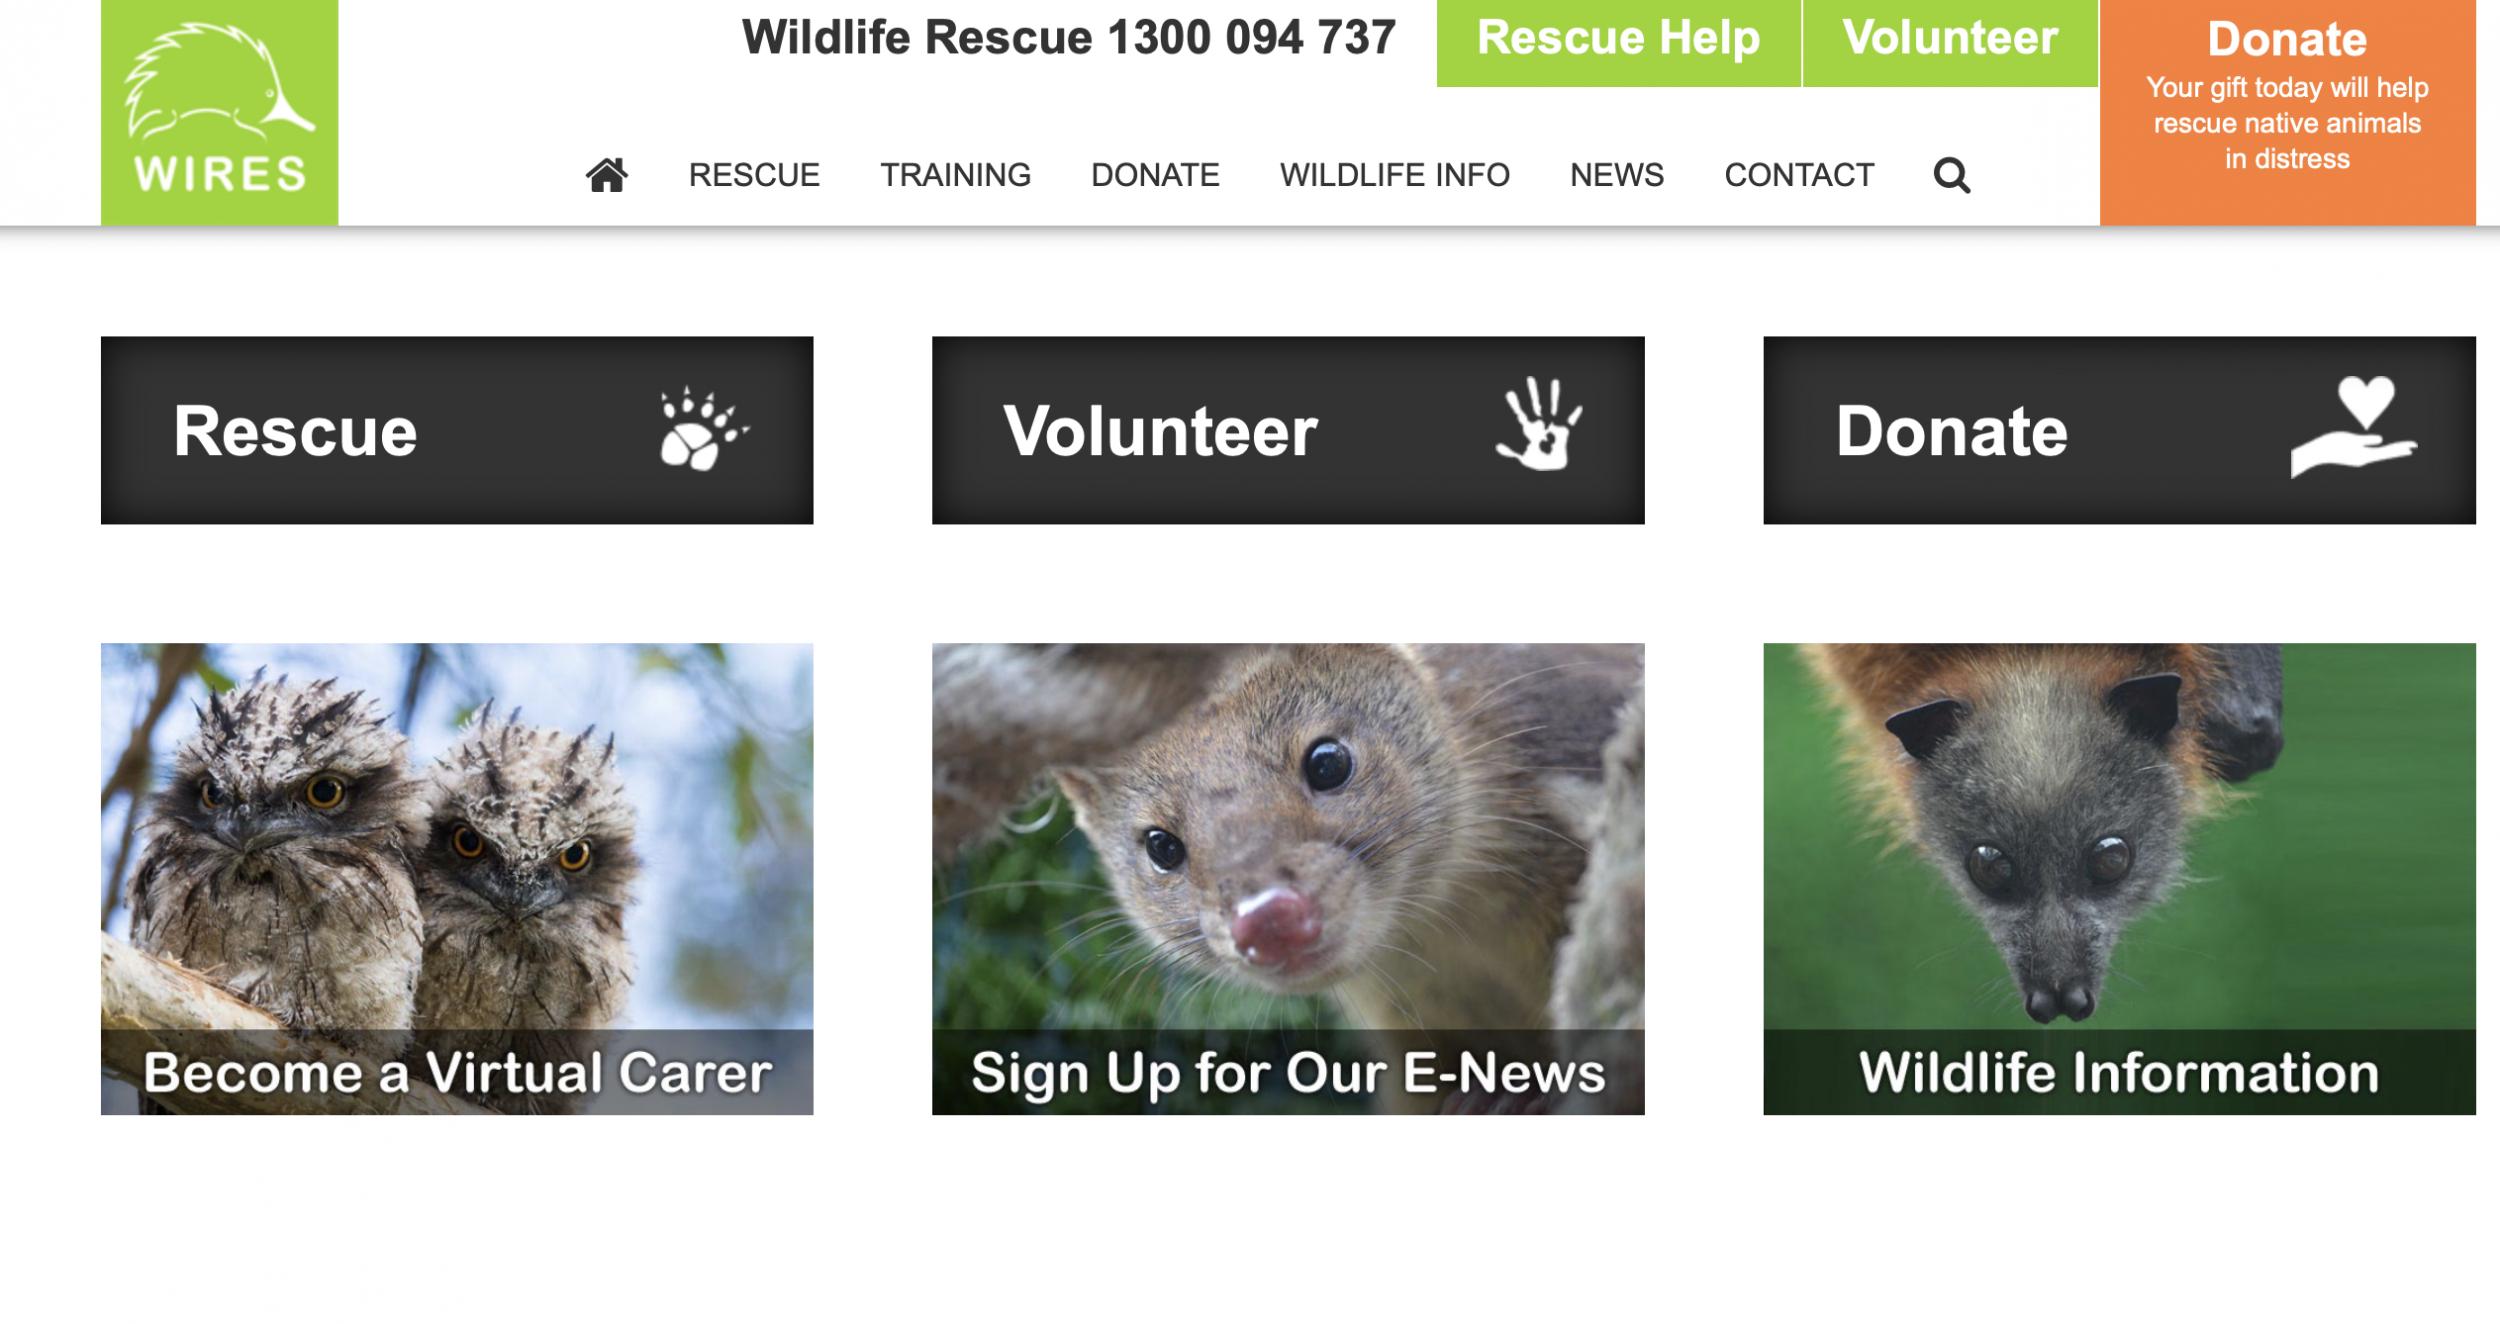 Dogilike.com :: ปลอดภัยไว้ก่อน! ตามดูการช่วยเหลือสัตว์เลี้ยงและสัตว์ป่าจากกรณีไฟไหม้ป่าที่ออสเตรเลีย